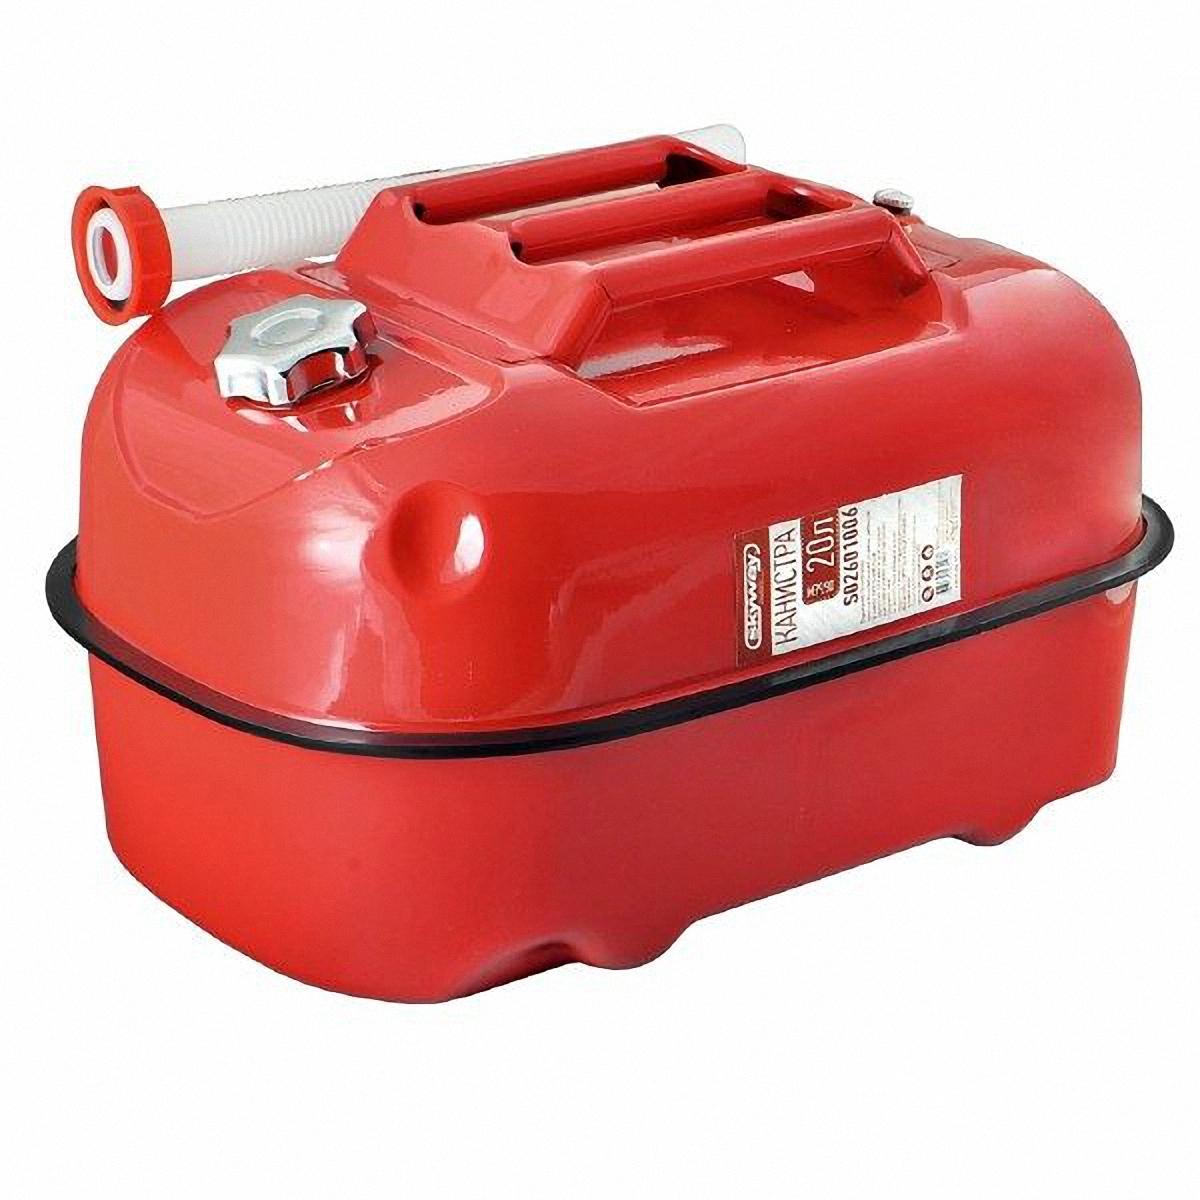 Канистра Skyway, цвет: красный, 20 лS02601006Металлическая канистра предназначена для хранения жидкостей, в том числе топлива и топливных смесей. Изготовлена из стали холодного проката, что обеспечивает повышенную прочность. Внешняя поверхность оцинкована и окрашена. Внутреннее фосфатированное антикоррозийное покрытие препятствует образованию ржавчины. Ребра жесткости на боковых поверхностях канистры придают ей прочность при механических воздействиях. Устойчивая конструкция канистры предотвращает ее перемещение в багажнике при интенсивном движении, снижая уровень нежелательного шума. Механический механизм горловины предохраняет содержимое от протекания, а особые материалы резиновой прокладки придают ей высокую долговечность и устойчивость к механическим повреждениям в процессе эксплуатации. Конструкция рычажного механизма крышки предотвращает появления люфта при активной эксплуатации. Специализированная форма носика исключает проливание жидкости. В комплект входит трубка-лейка, что позволяет...